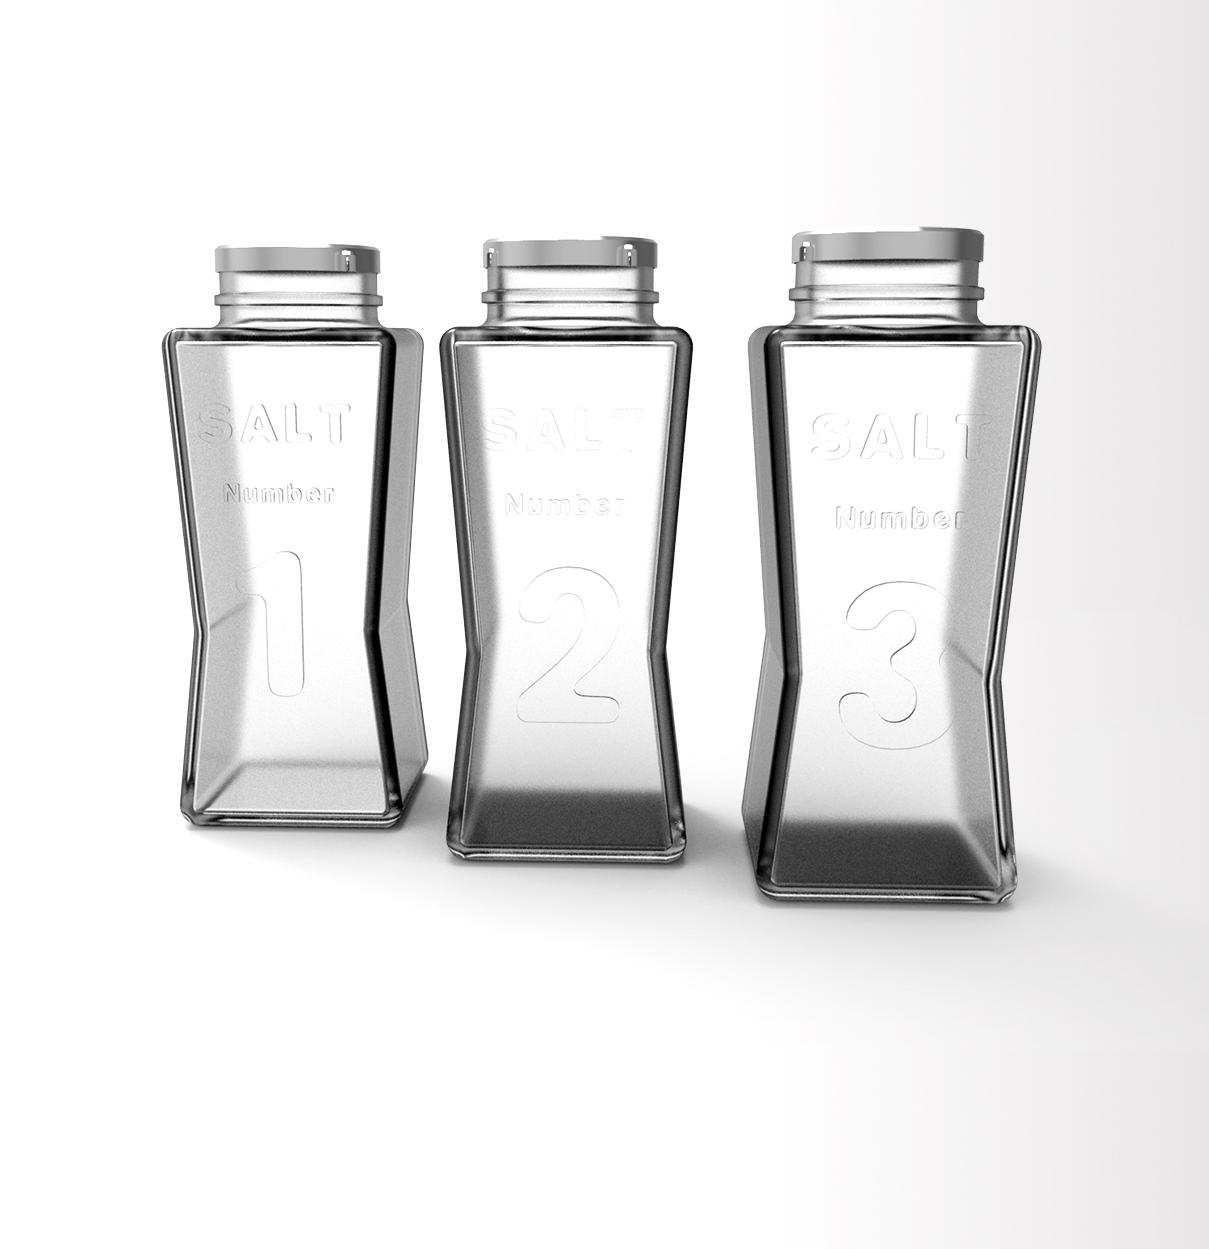 Salt No Option 3[1].jpg